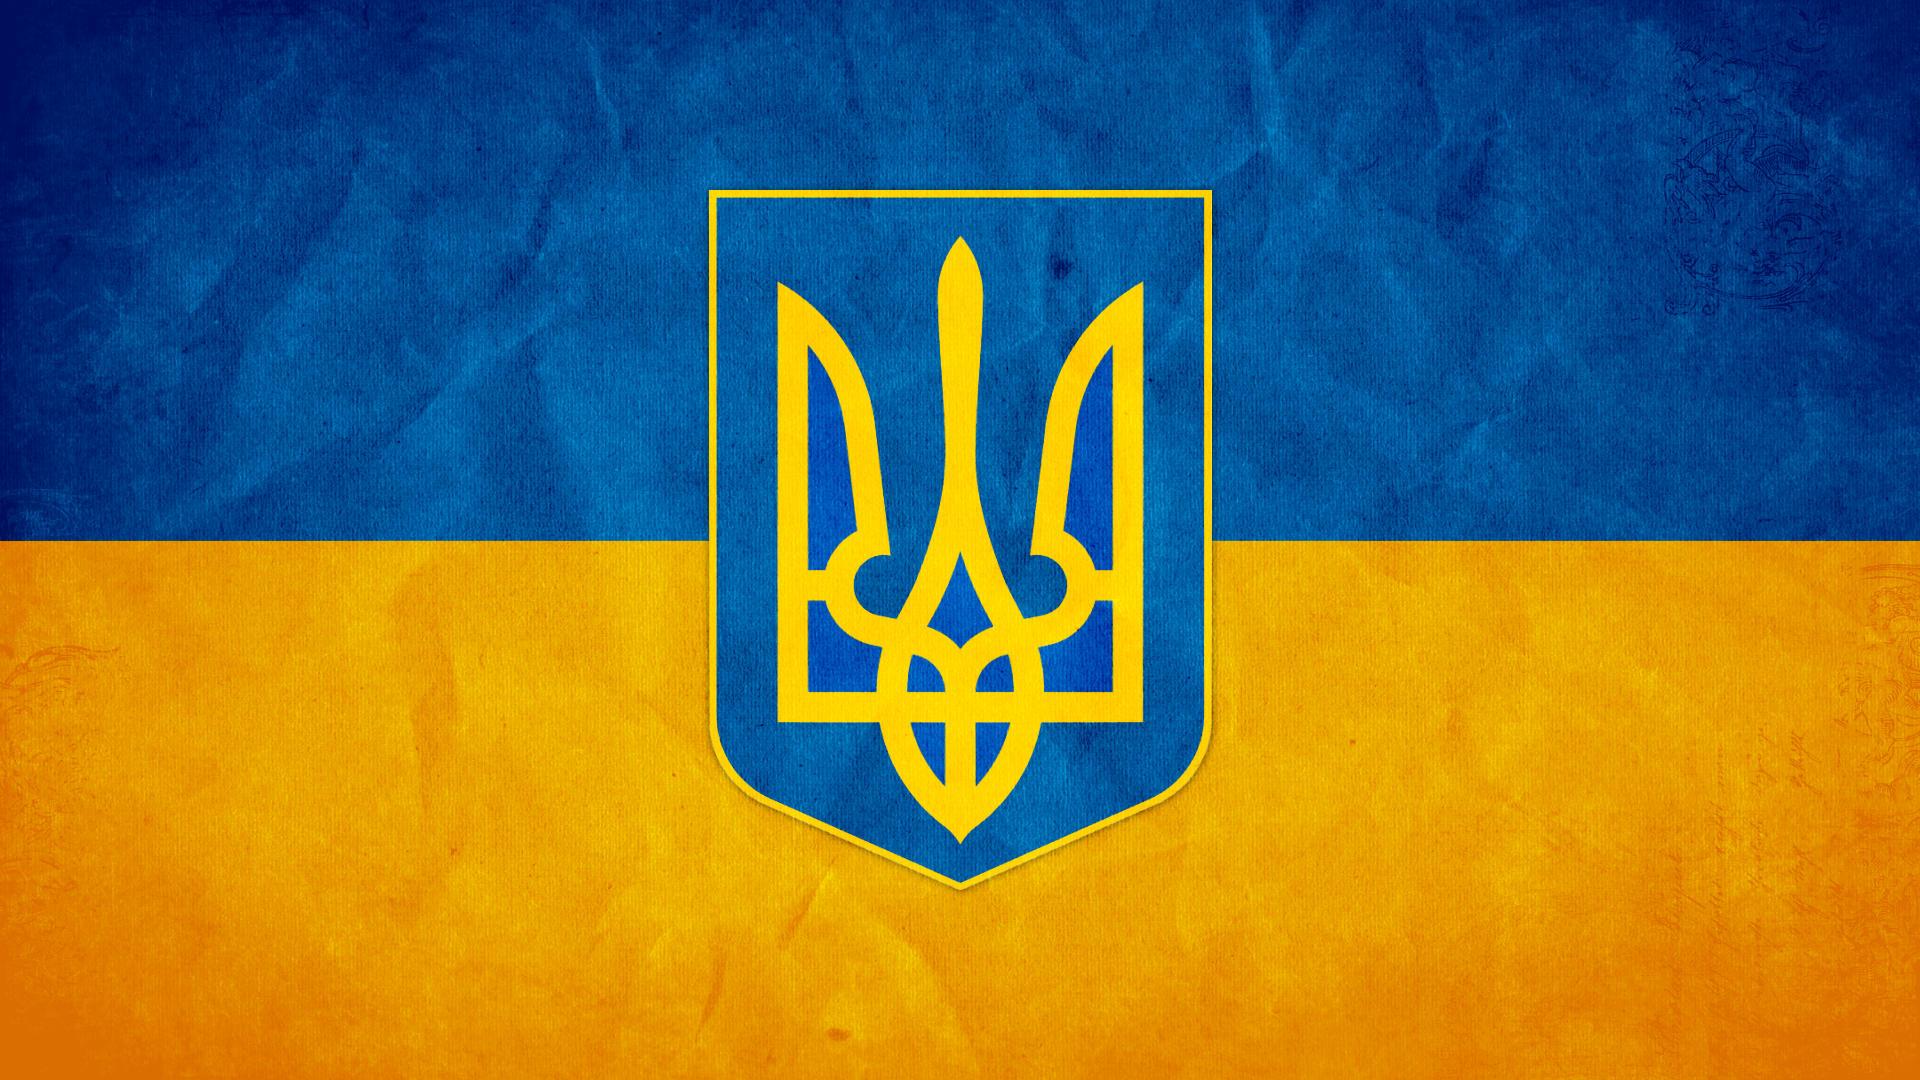 фотообои на рабочий стол символика украины царит атмосфера голода